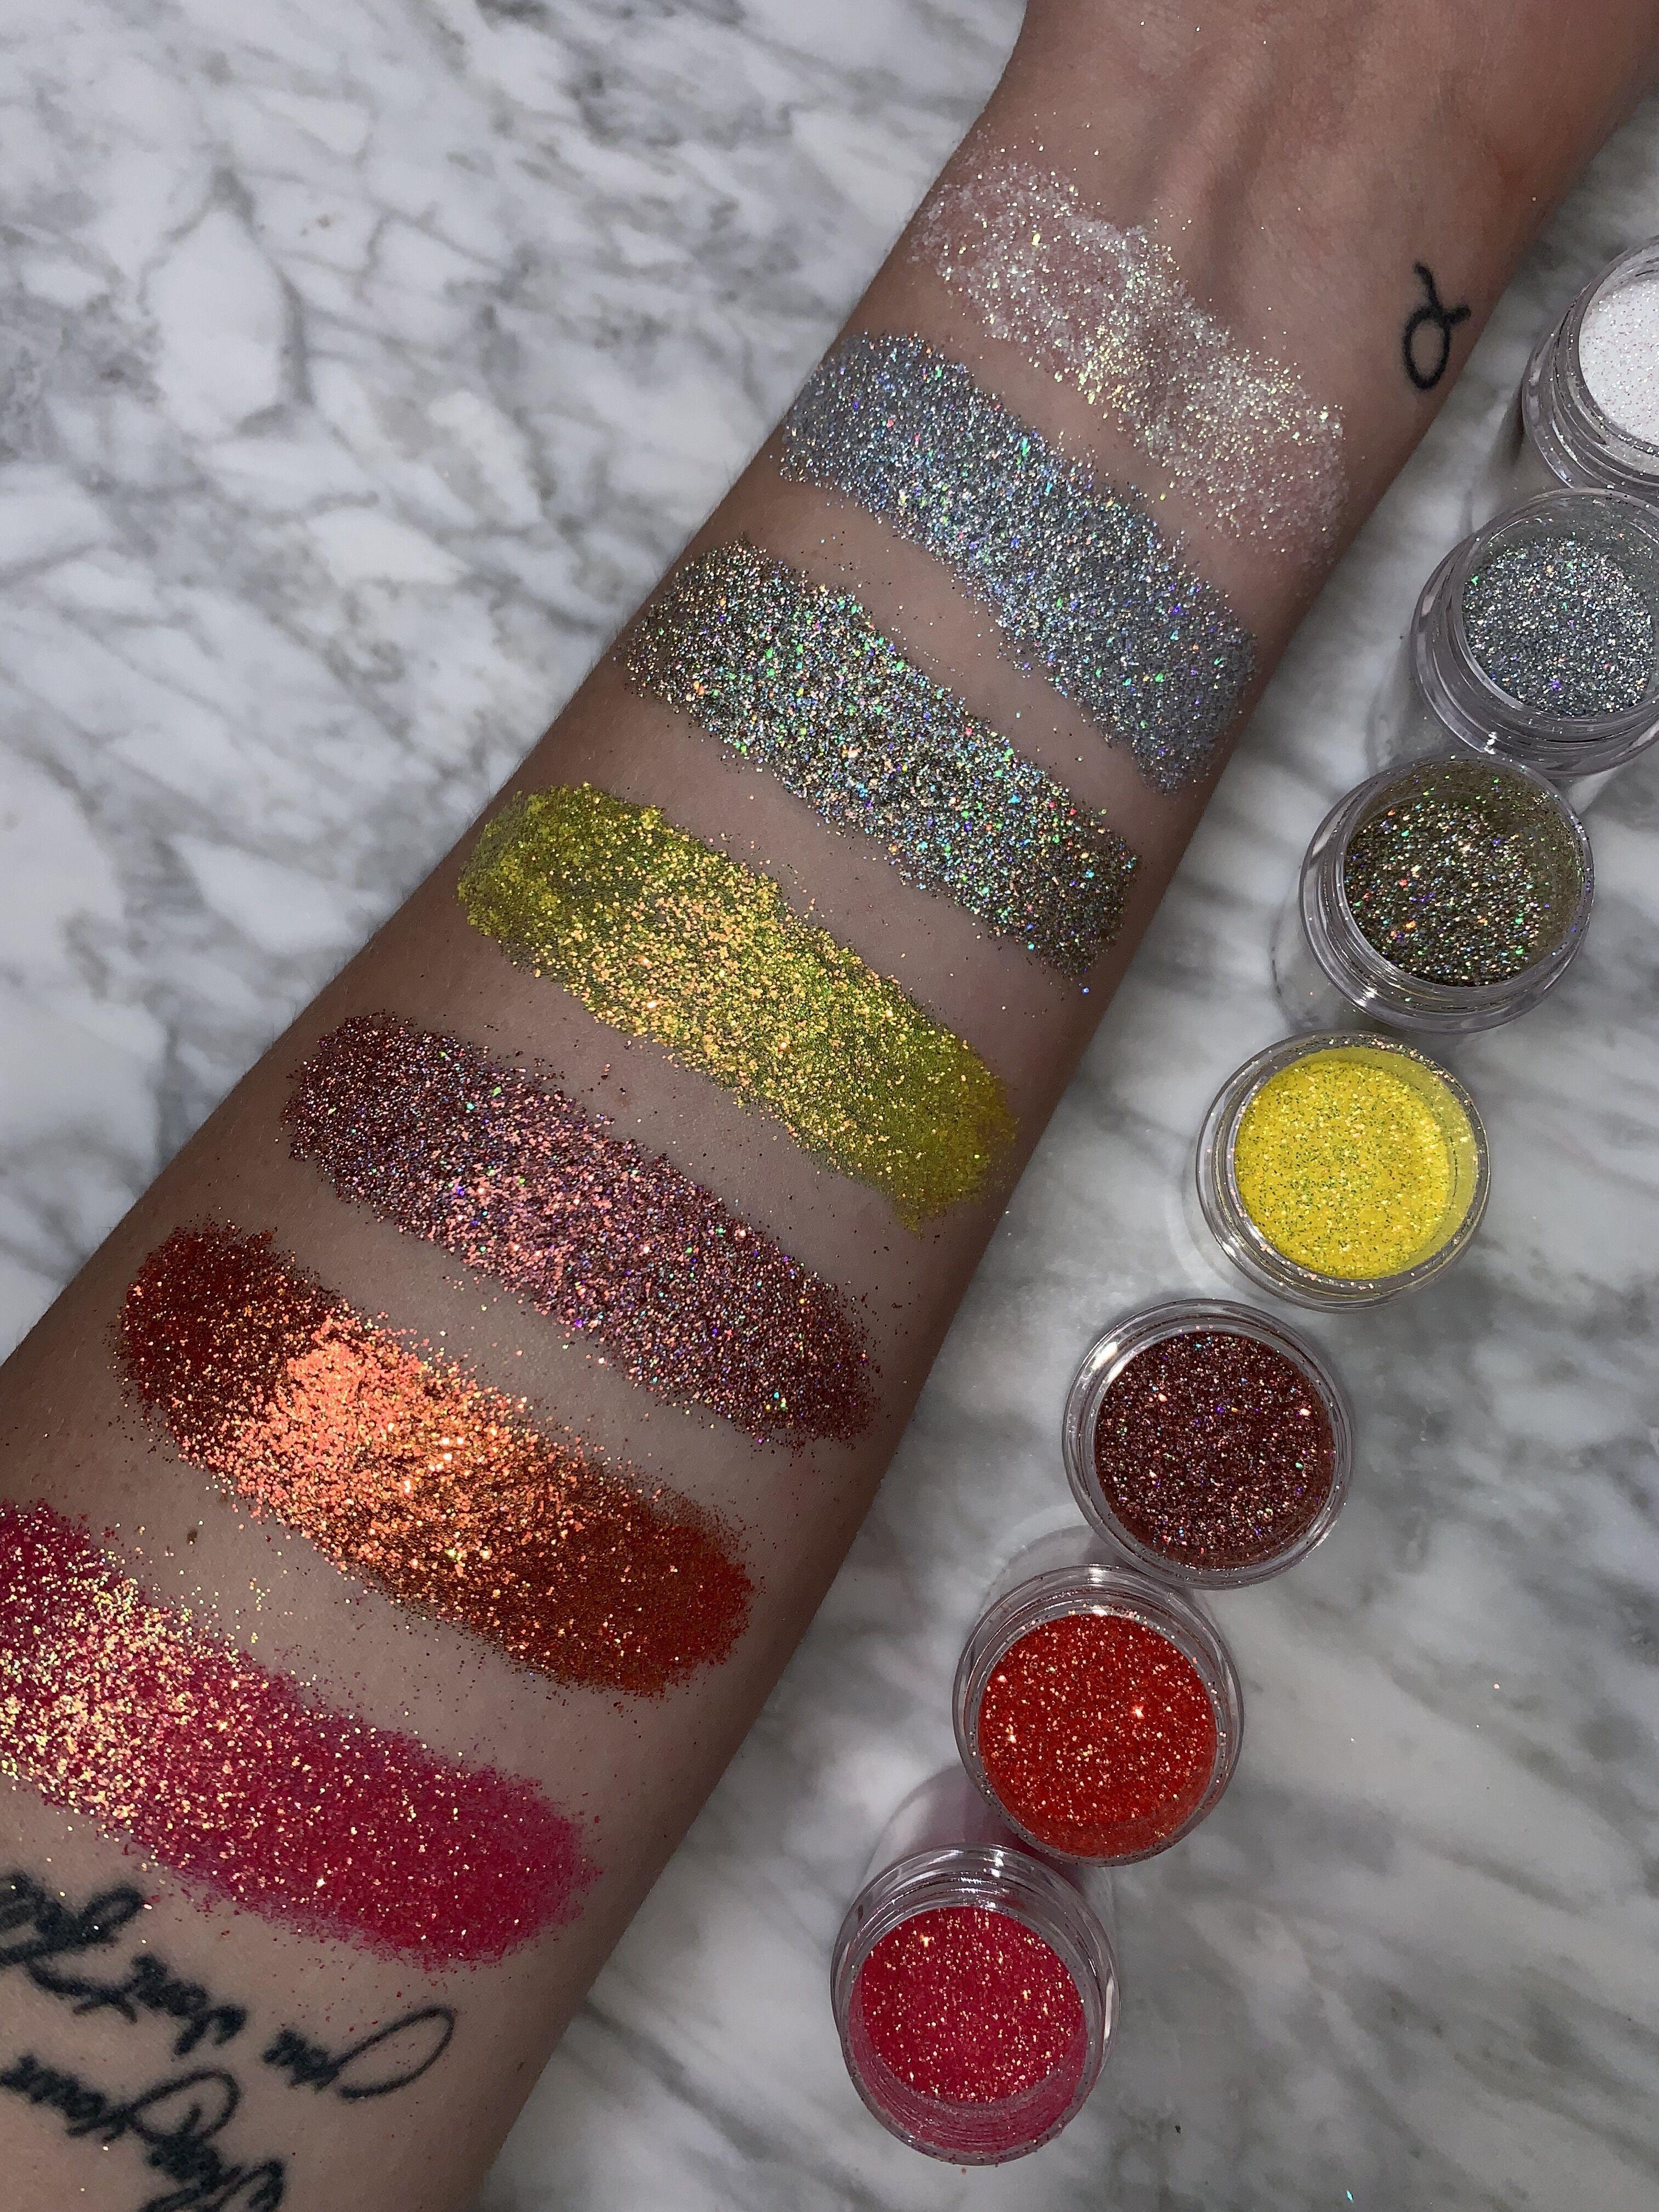 Pin by Colour Pop on PLAYFUL MAKEUP LOOKS Playful makeup